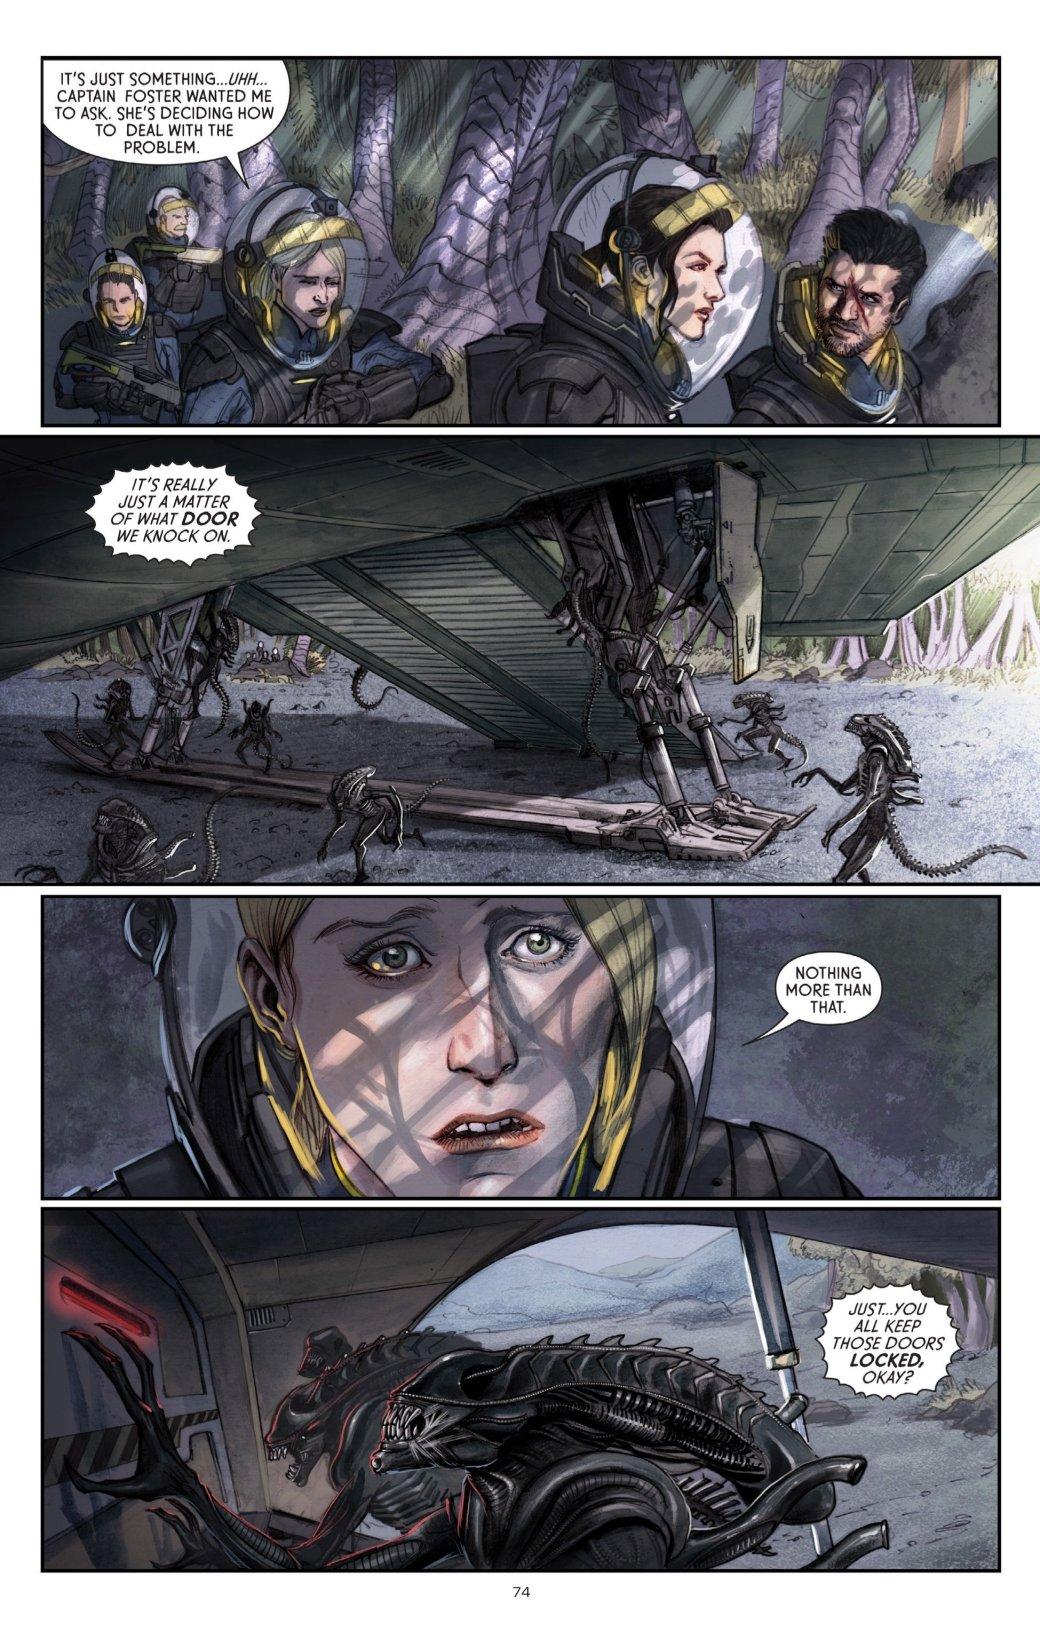 Бэтмен против Чужого?! Безумные комикс-кроссоверы сксеноморфами. - Изображение 12